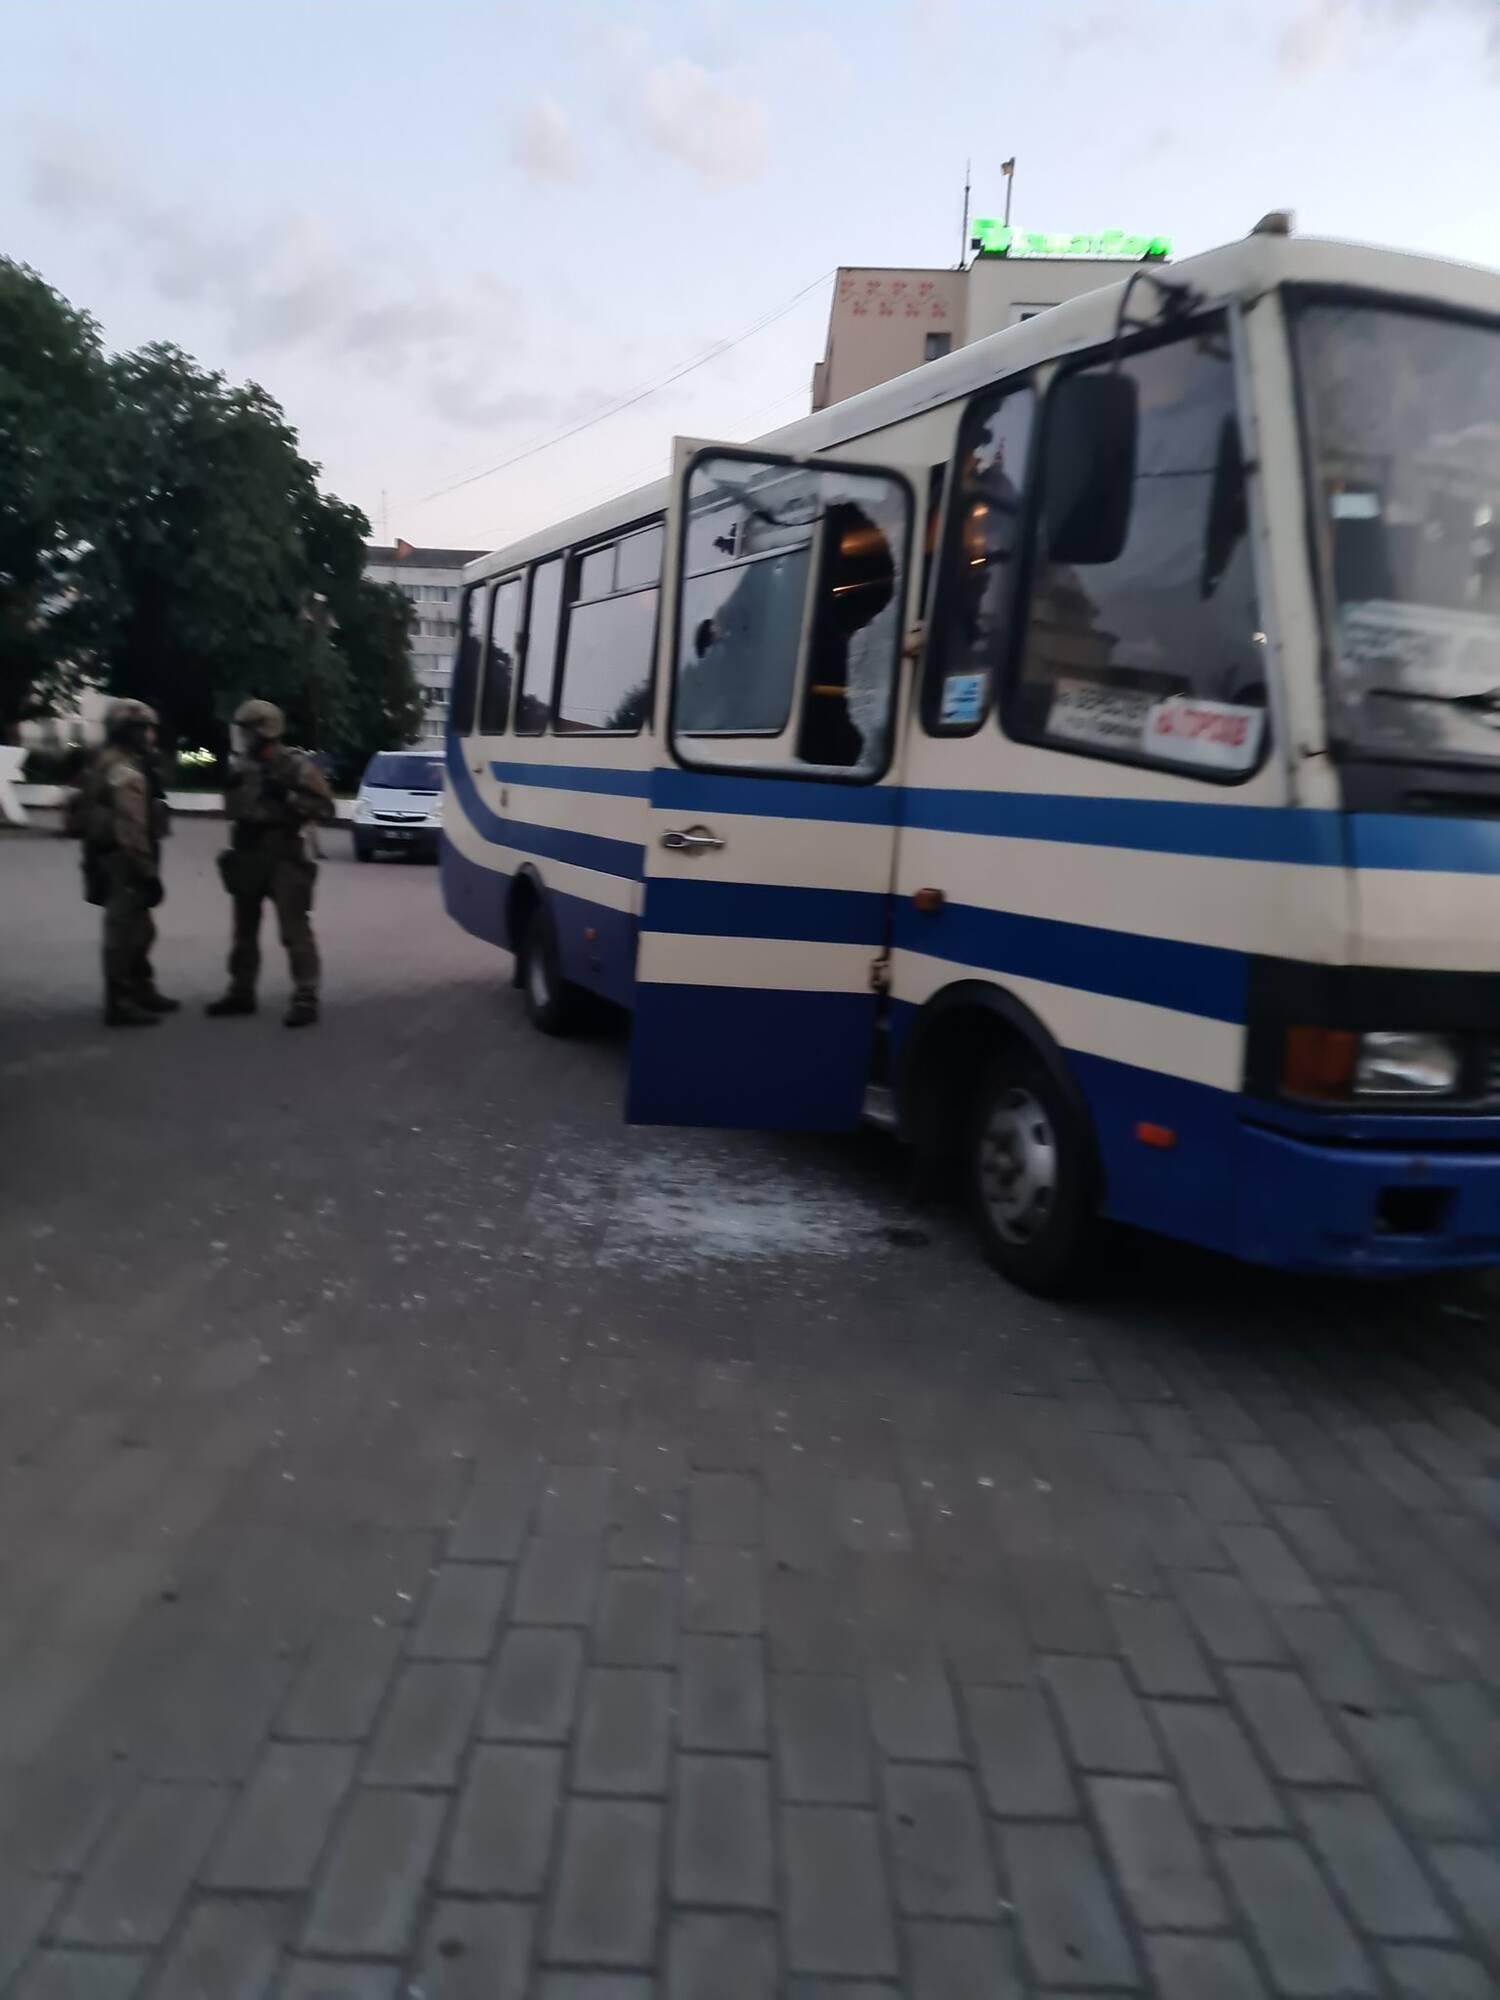 Луцкий террорист выпустил заложников из автобуса: его задержали. Фото и видео